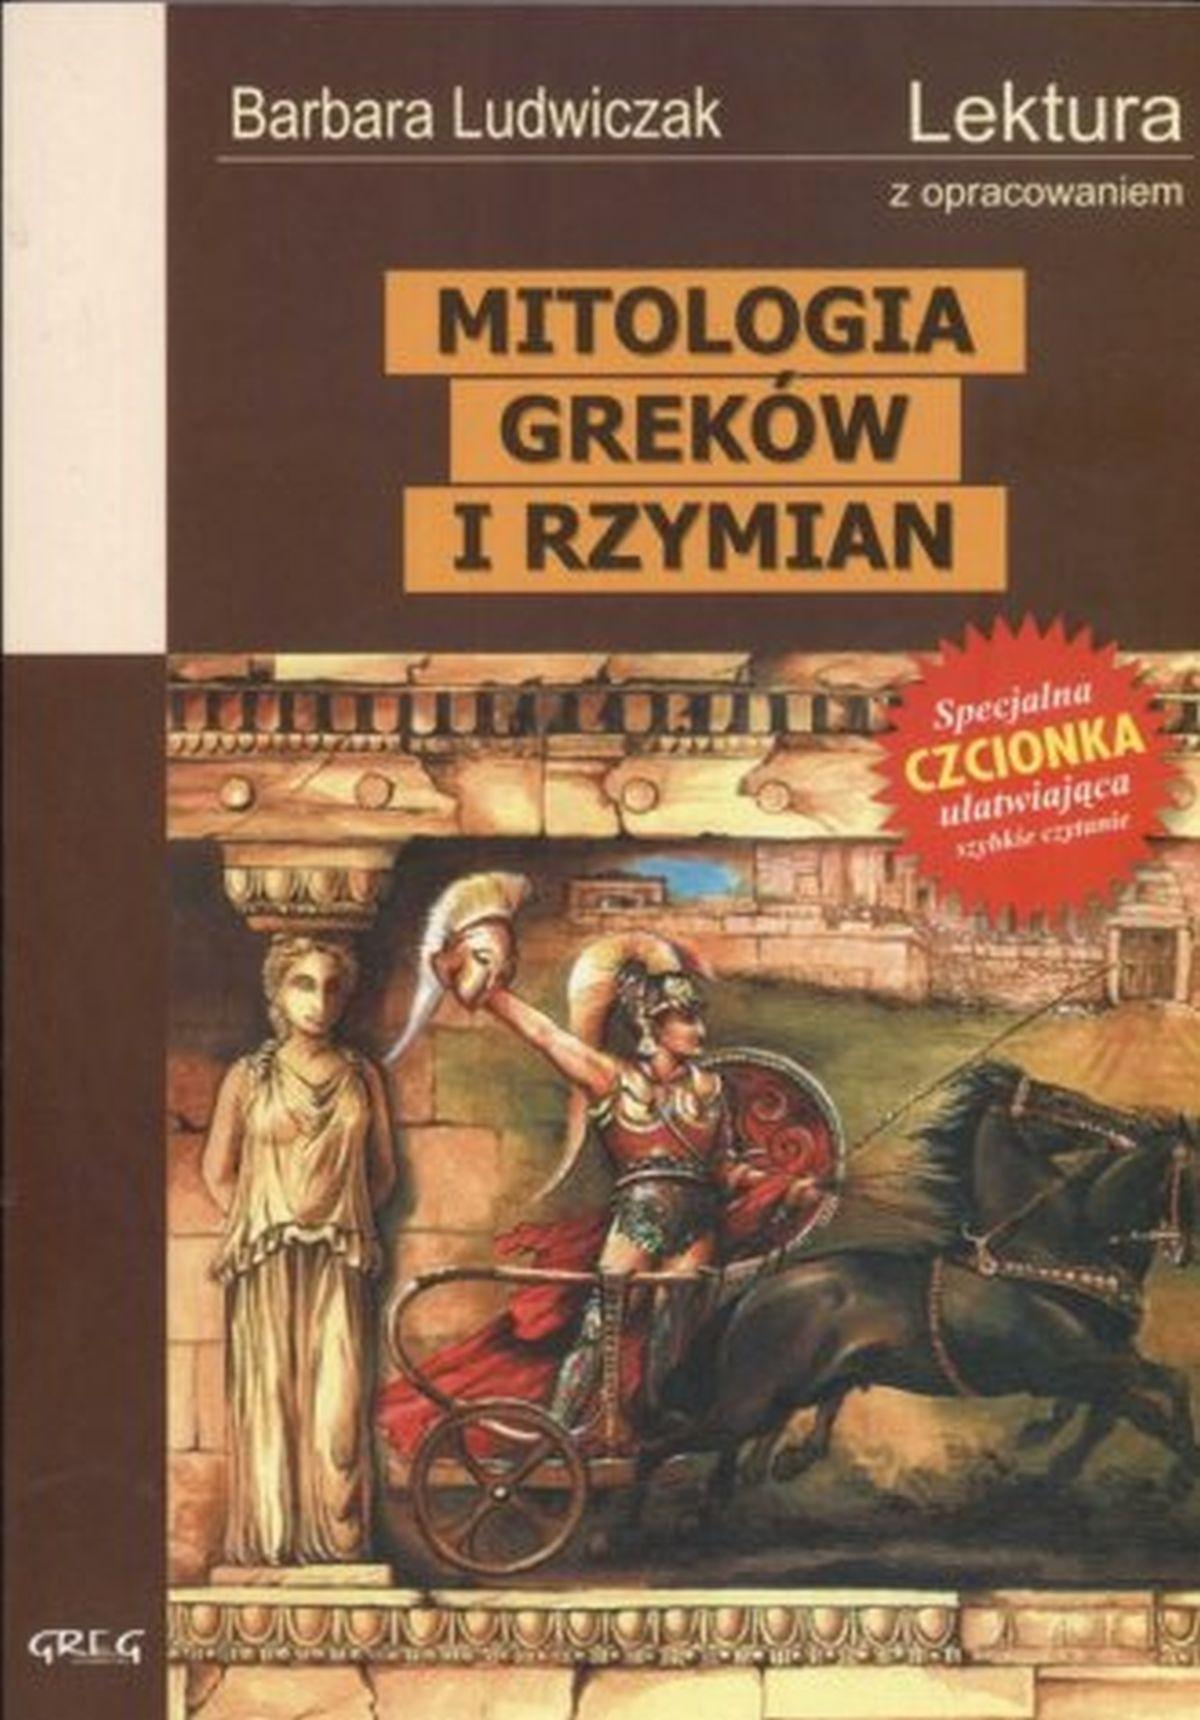 Mitologia Greków i Rzymian. Lektura. Wydanie z opracowaniem